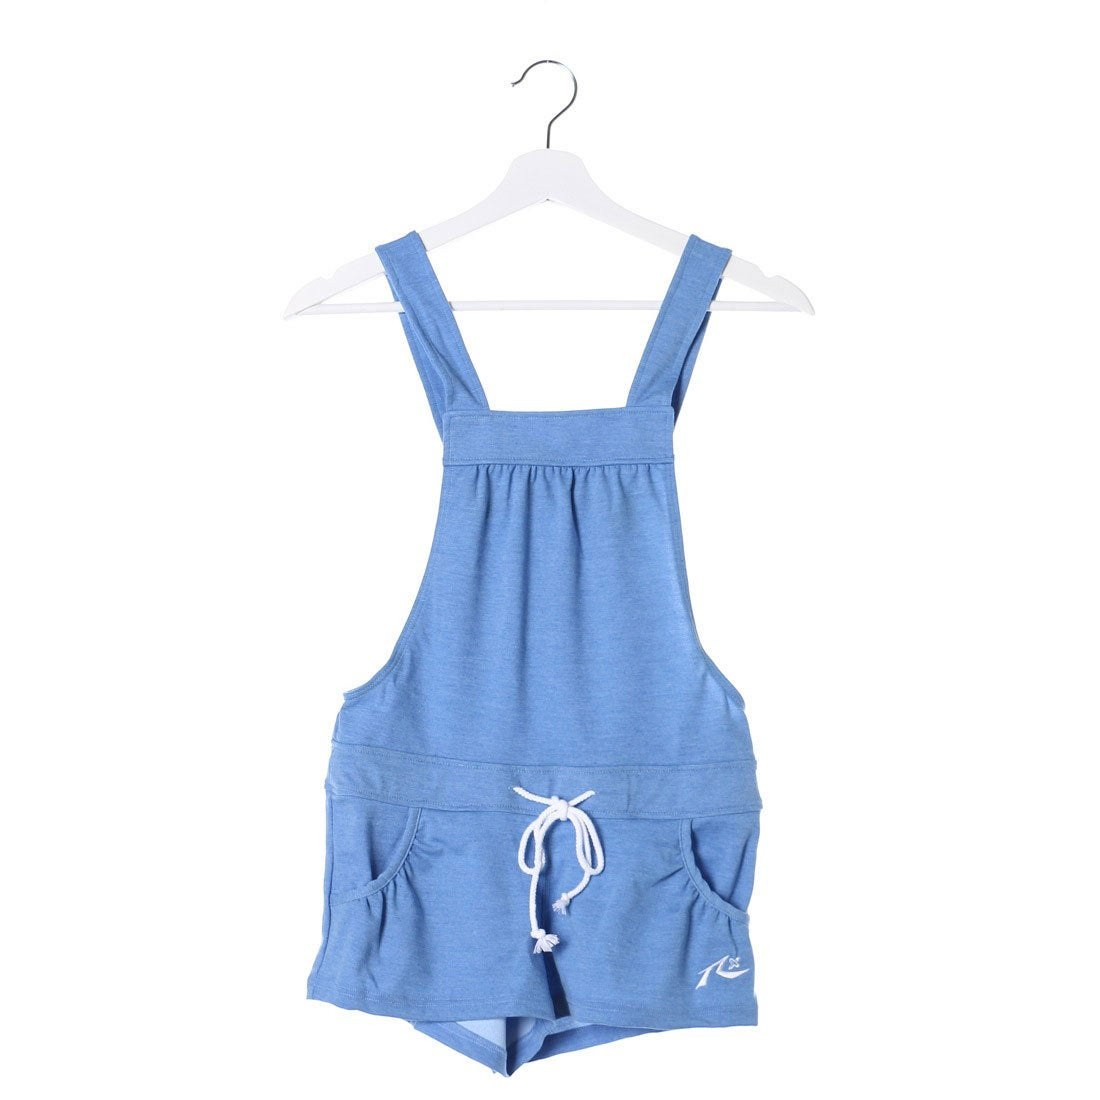 ロコンド 靴とファッションの通販サイト【アウトレット】ラスティー Rusty 3点セットビキニ 935692 ピンク